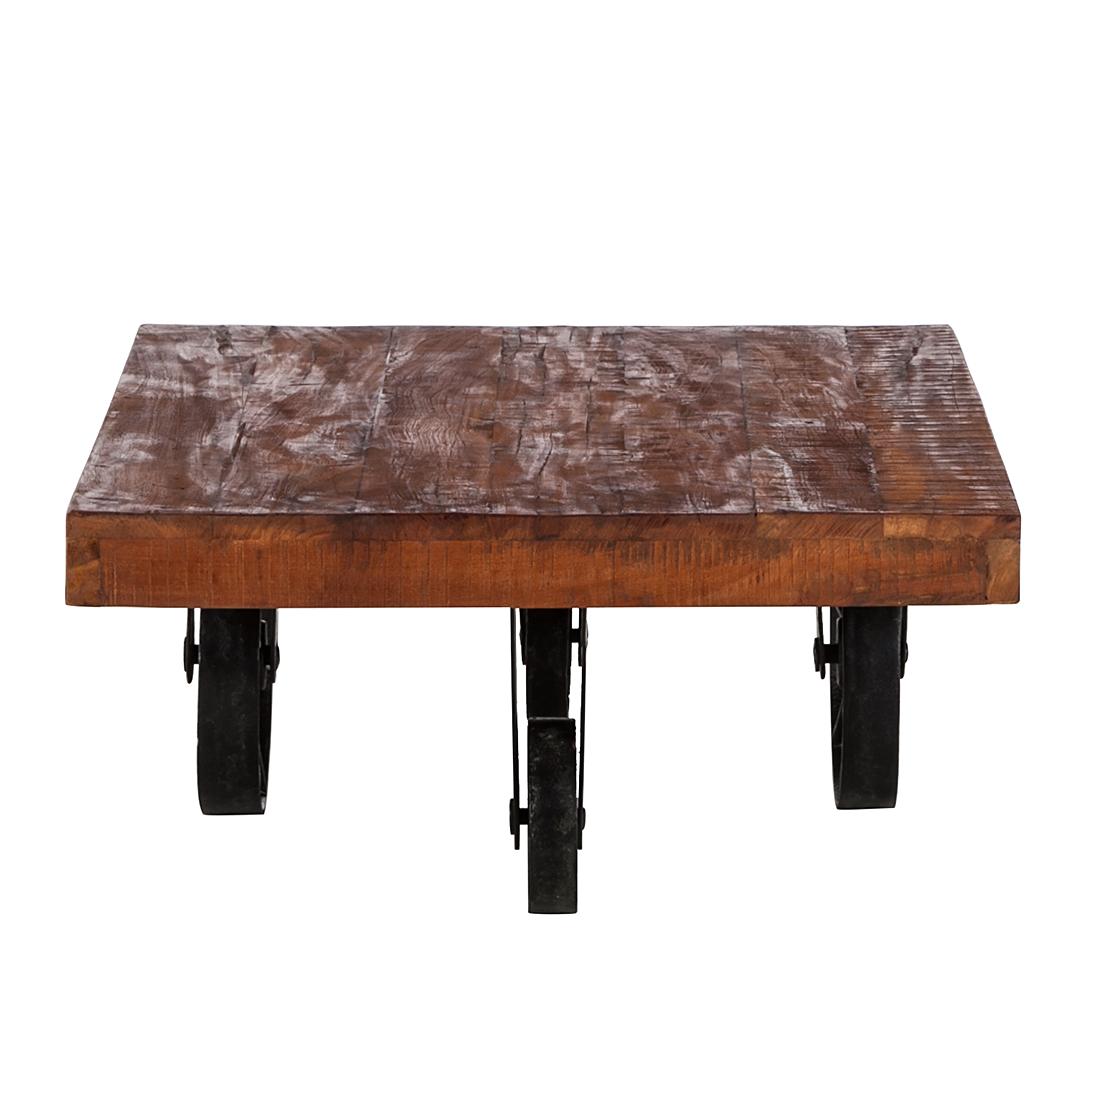 Beistelltisch couchtisch 90x70cm old wood eisen for Holztisch klein